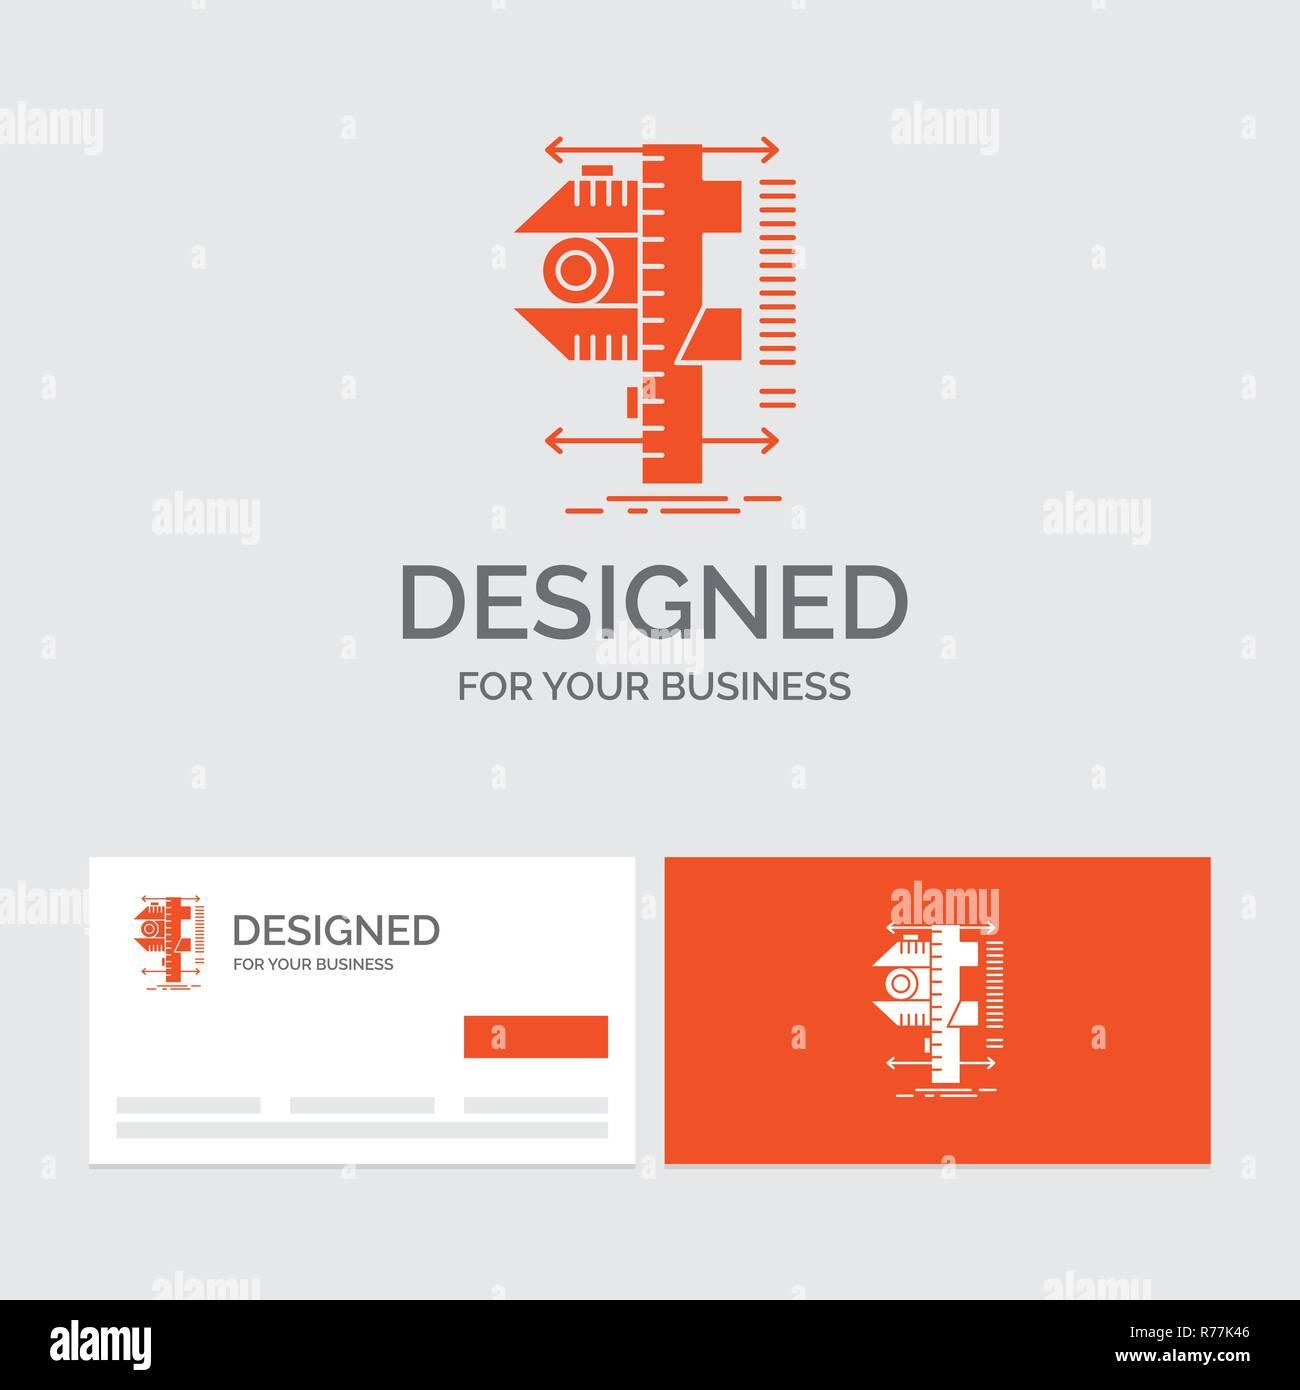 Logo Dentreprise Modele Pour Mesurer Letrier De Frein Etriers La Physique Mesure Cartes Visite Orange Avec Marque